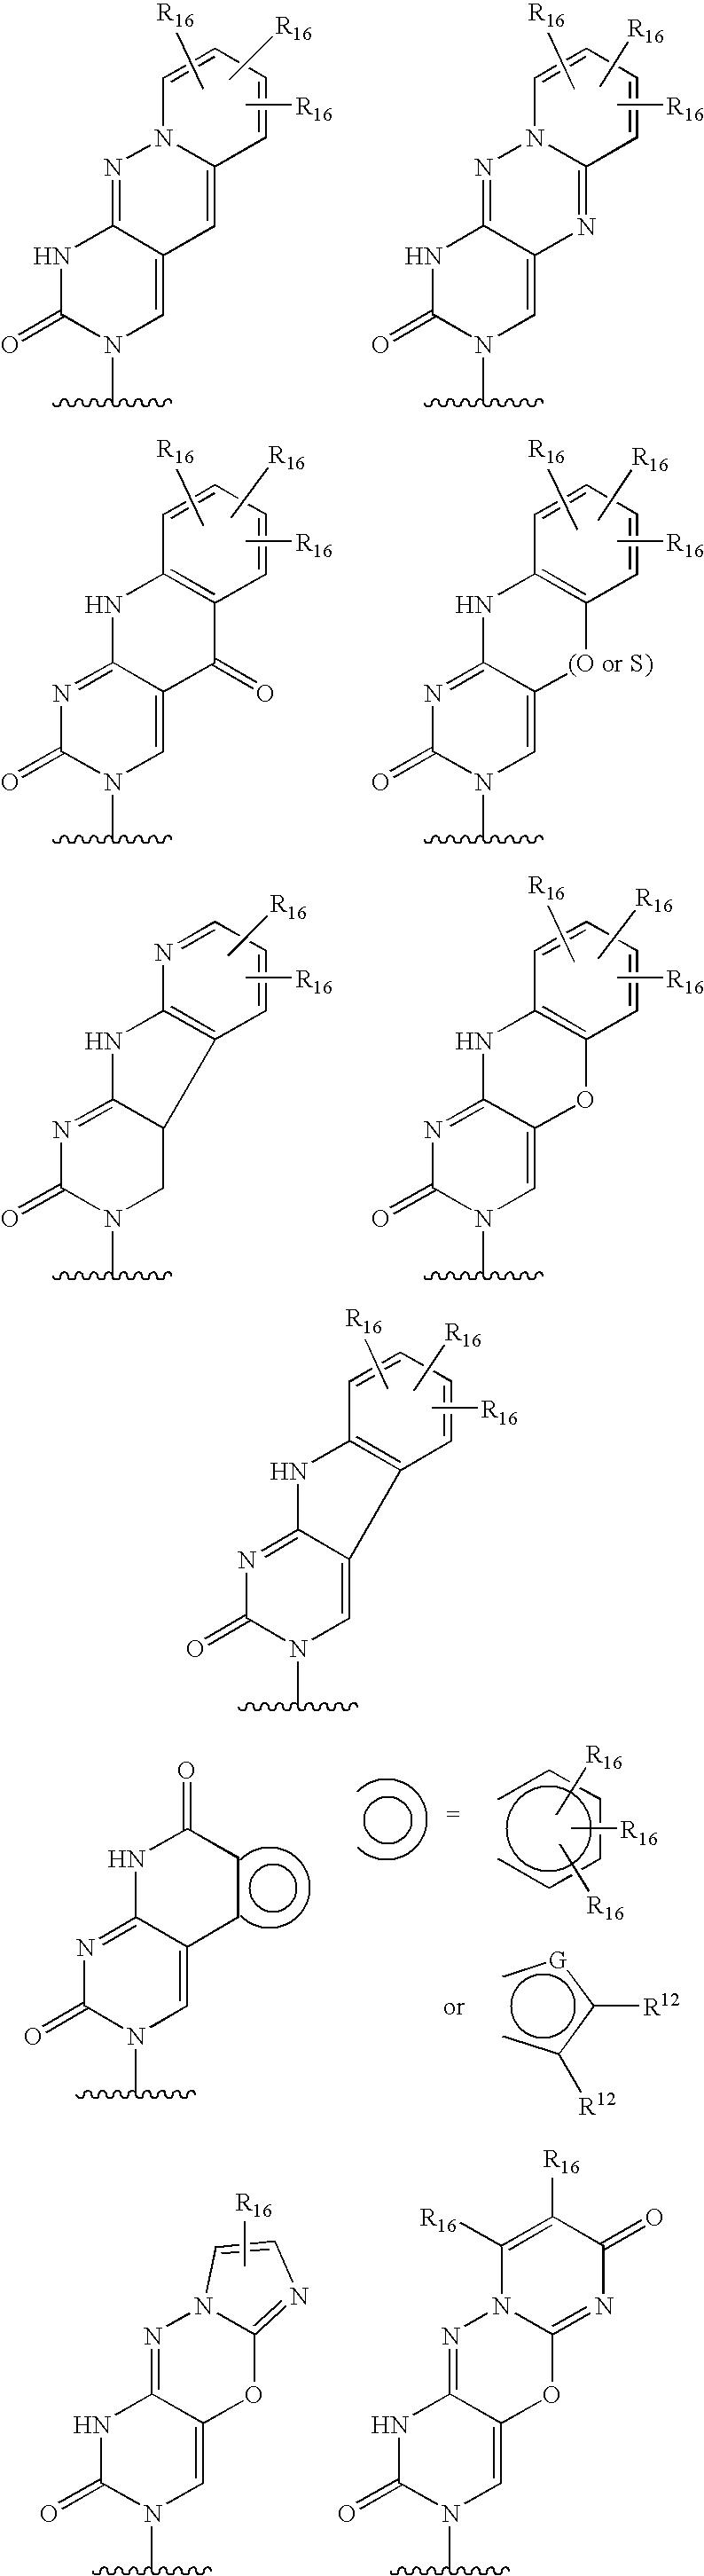 Figure US20050026192A1-20050203-C00082